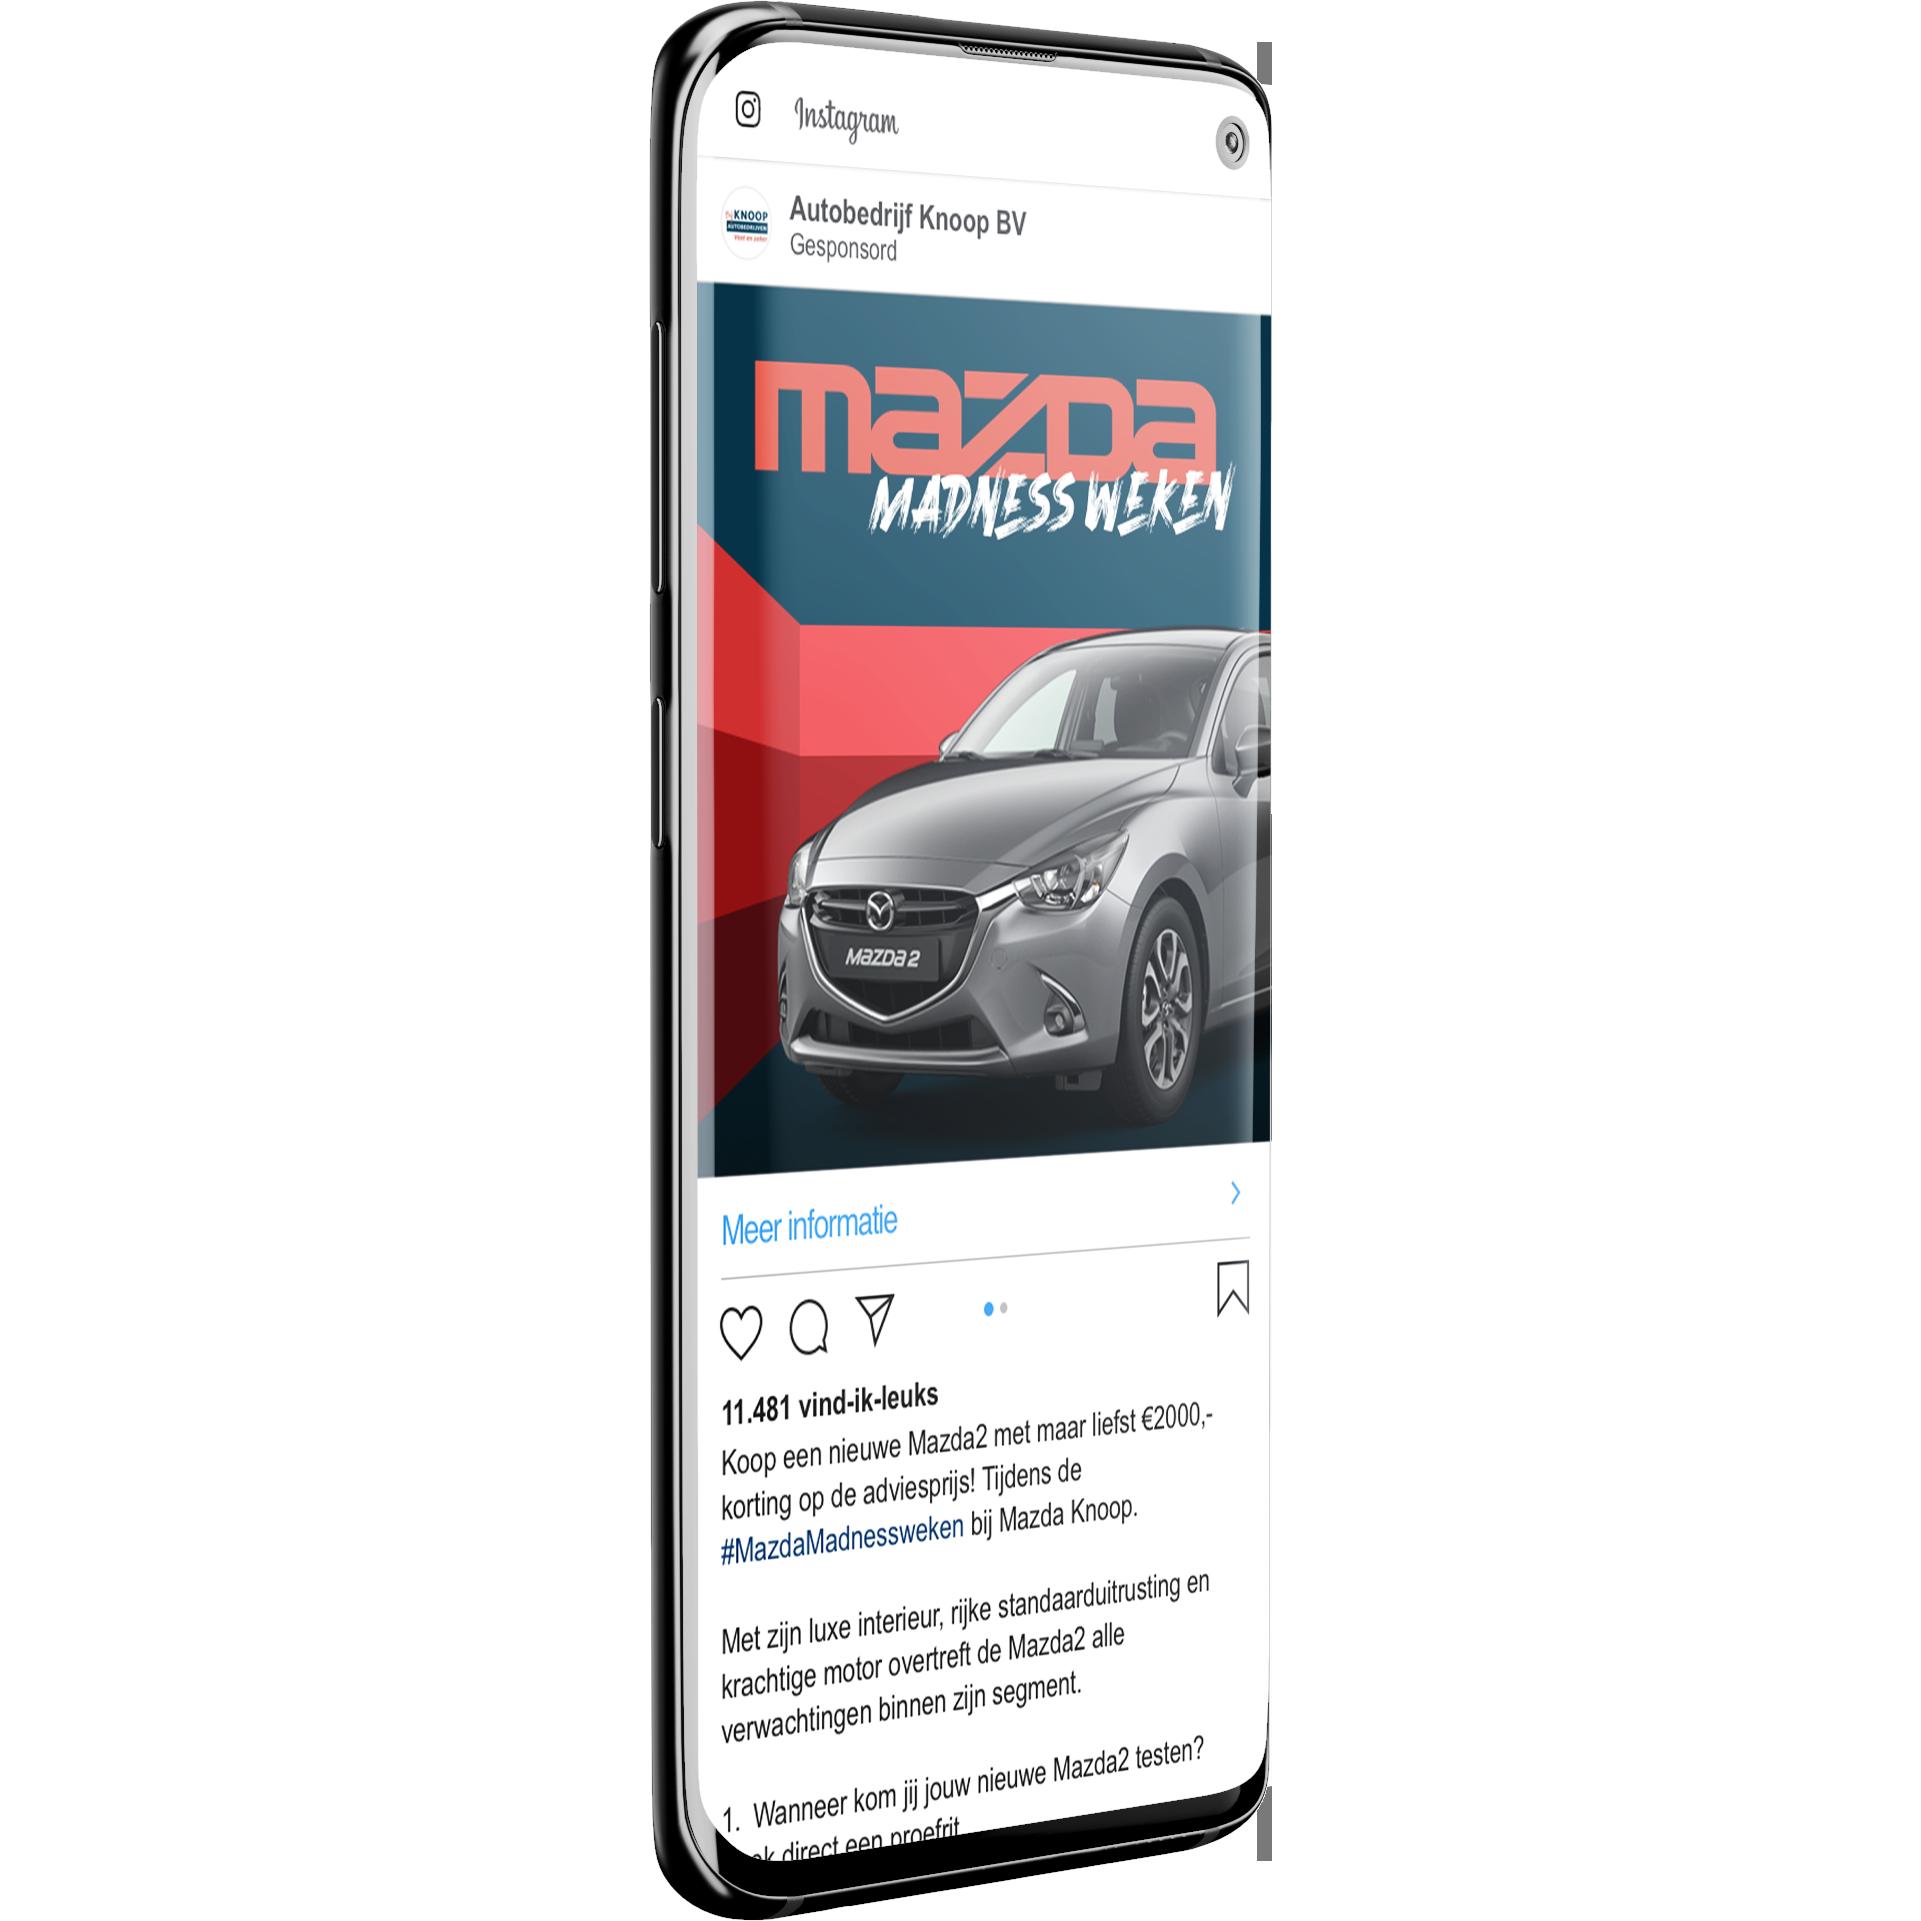 Mazda-dealder Autobedrijf Knoop